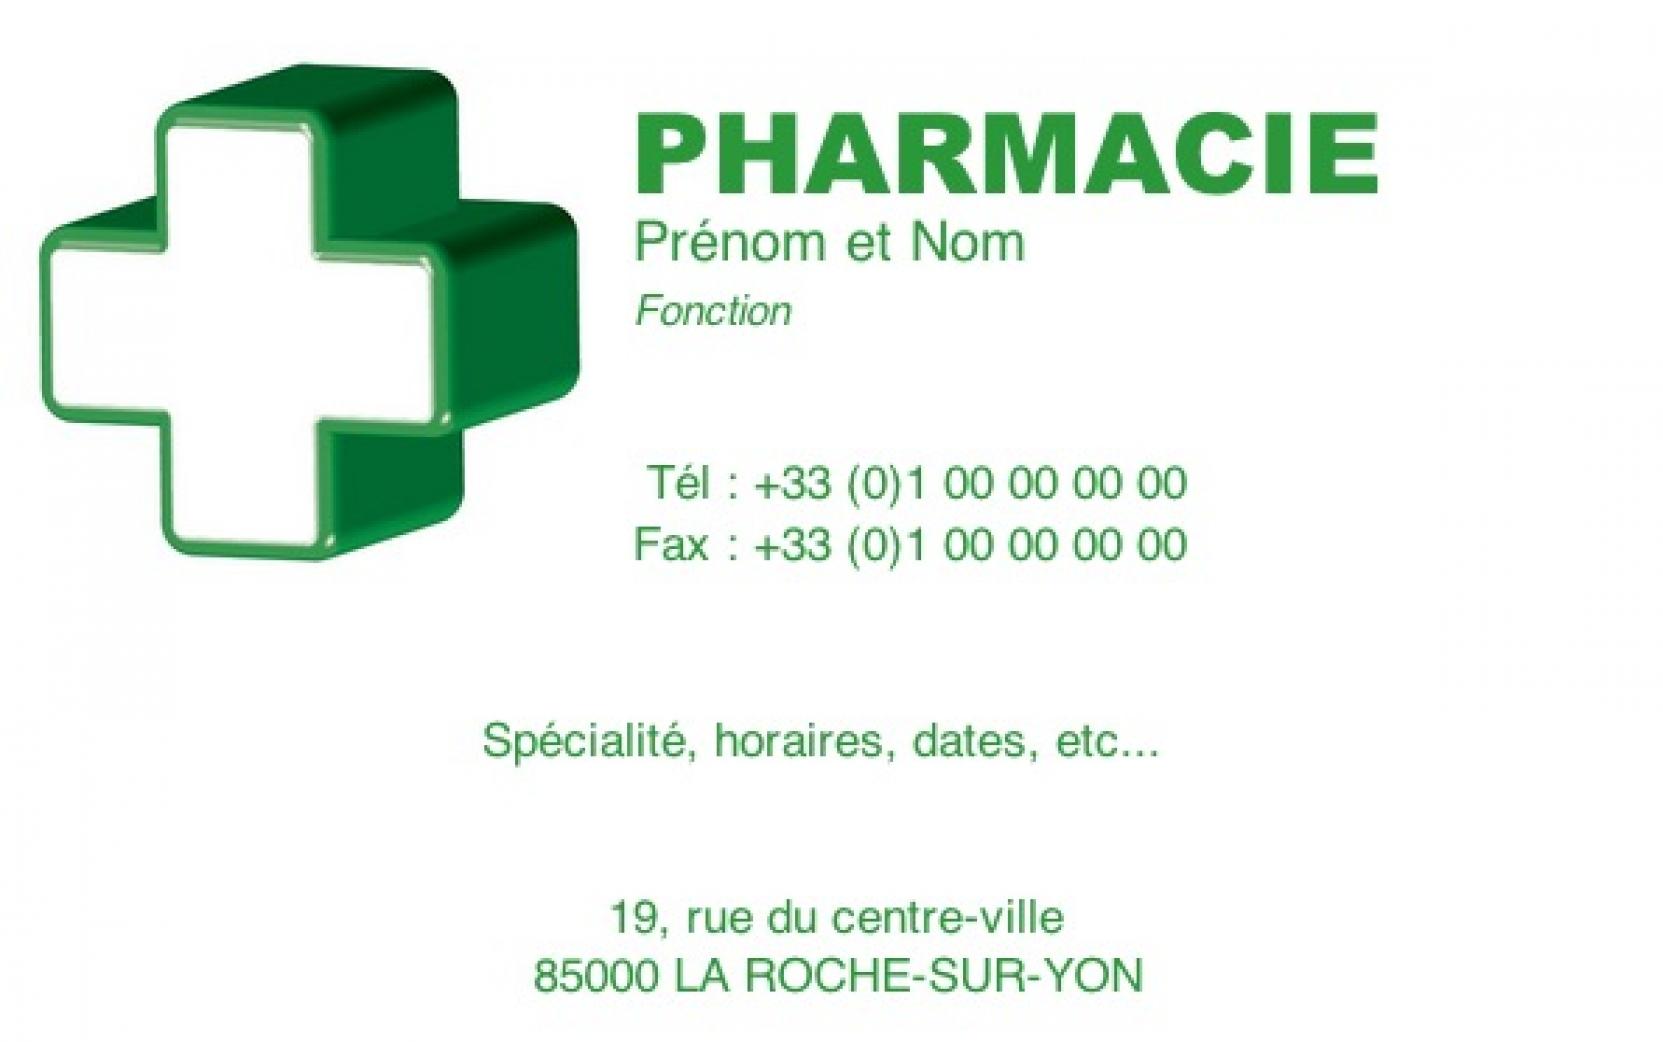 Pharmacie Professionnelle Carte De Visite Pharmacien Avec Croix Personnaliser En Ligne Modle Gratuit Pas Chre